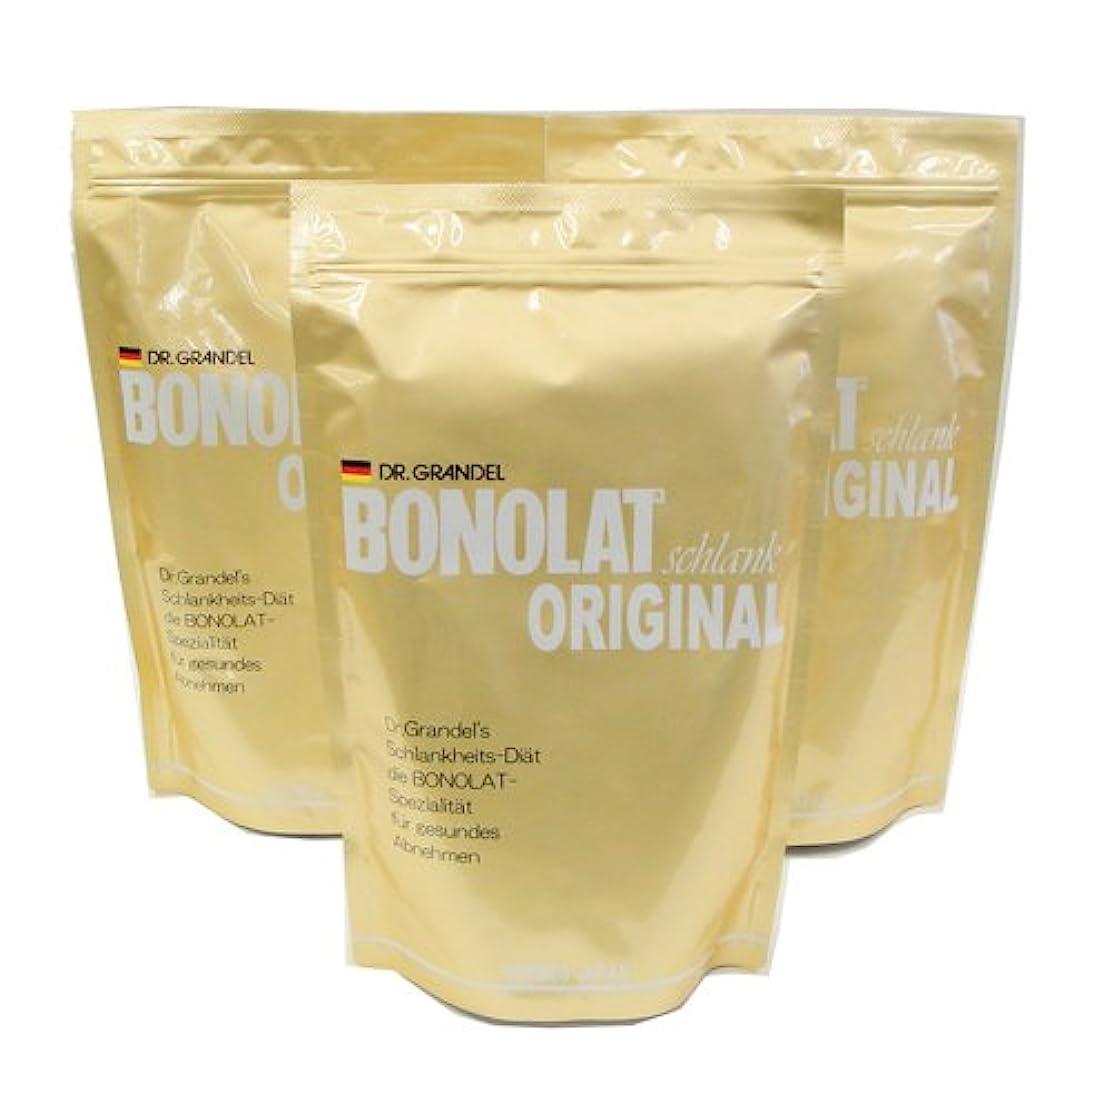 聖人キャンペーン不器用ボノラート 600g×3袋セット(30g×60杯)無添加 乳プロテイン 置き換え シェイク